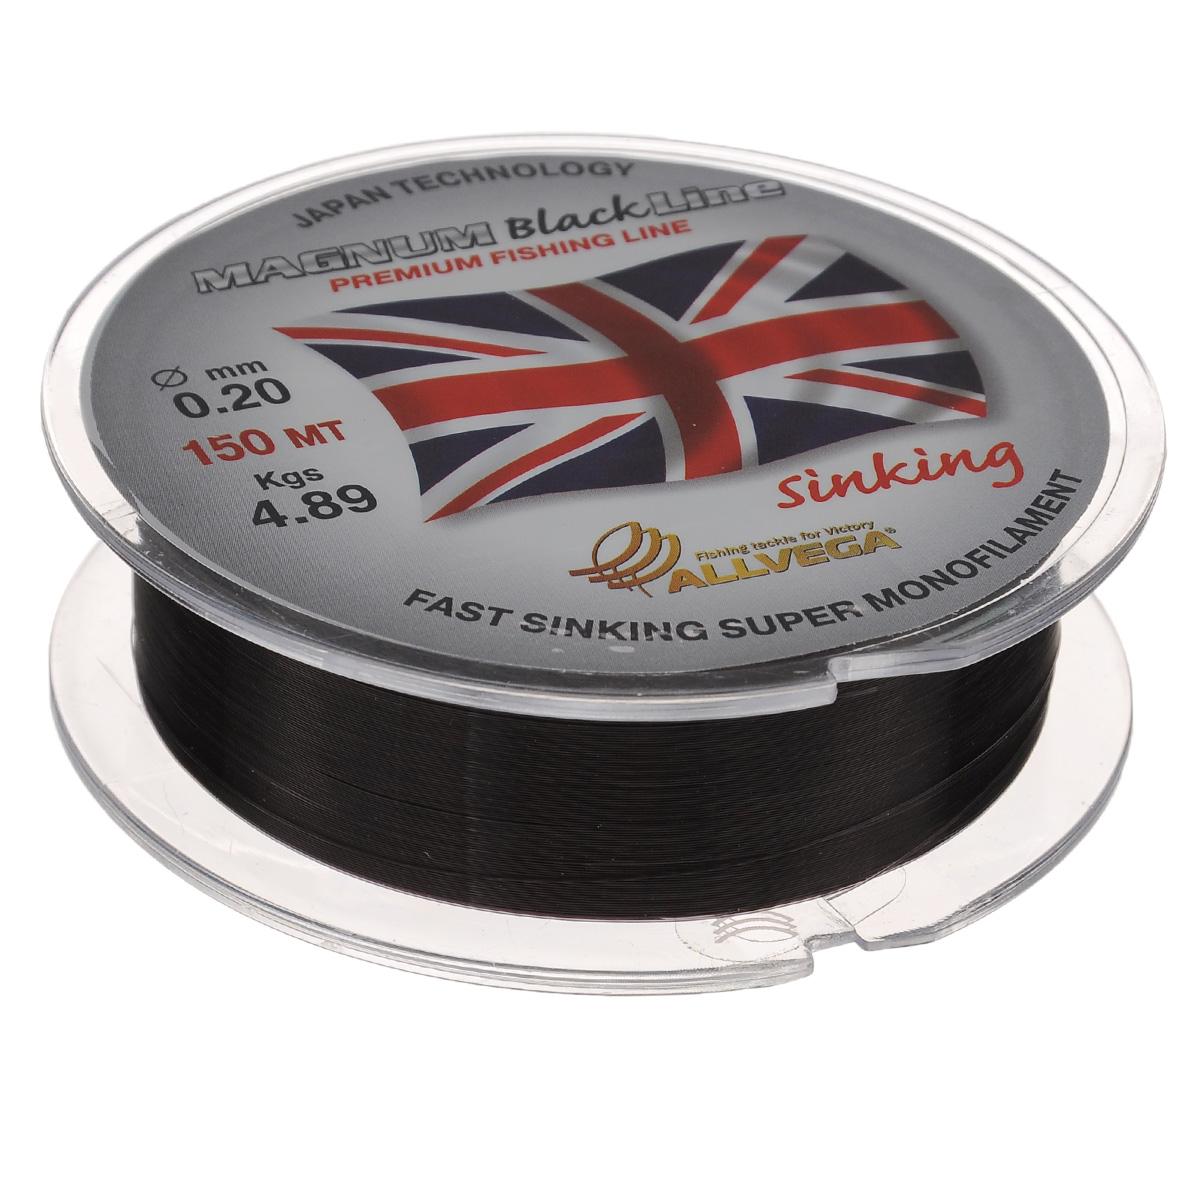 Леска Allvega Magnum Black, цвет: черный, 150 м, 0,2 мм, 4,89 кг39928Специальная тонущая леска Allvega Magnum Black. Темный цвет, способность быстро тонуть, отсутствие механической памяти, жесткость, устойчивость к частым перезабросам и внешним механическим воздействиям, делают эту леску незаменимой для поплавочной ловли дальним забросом. Однако, ее физические свойства позволяют с успехом ловить не только на поплавочную снасть, но и на фидер, донки всех видов, а так же использовать ее при подледной ловле в зимней поплавочной удочке.